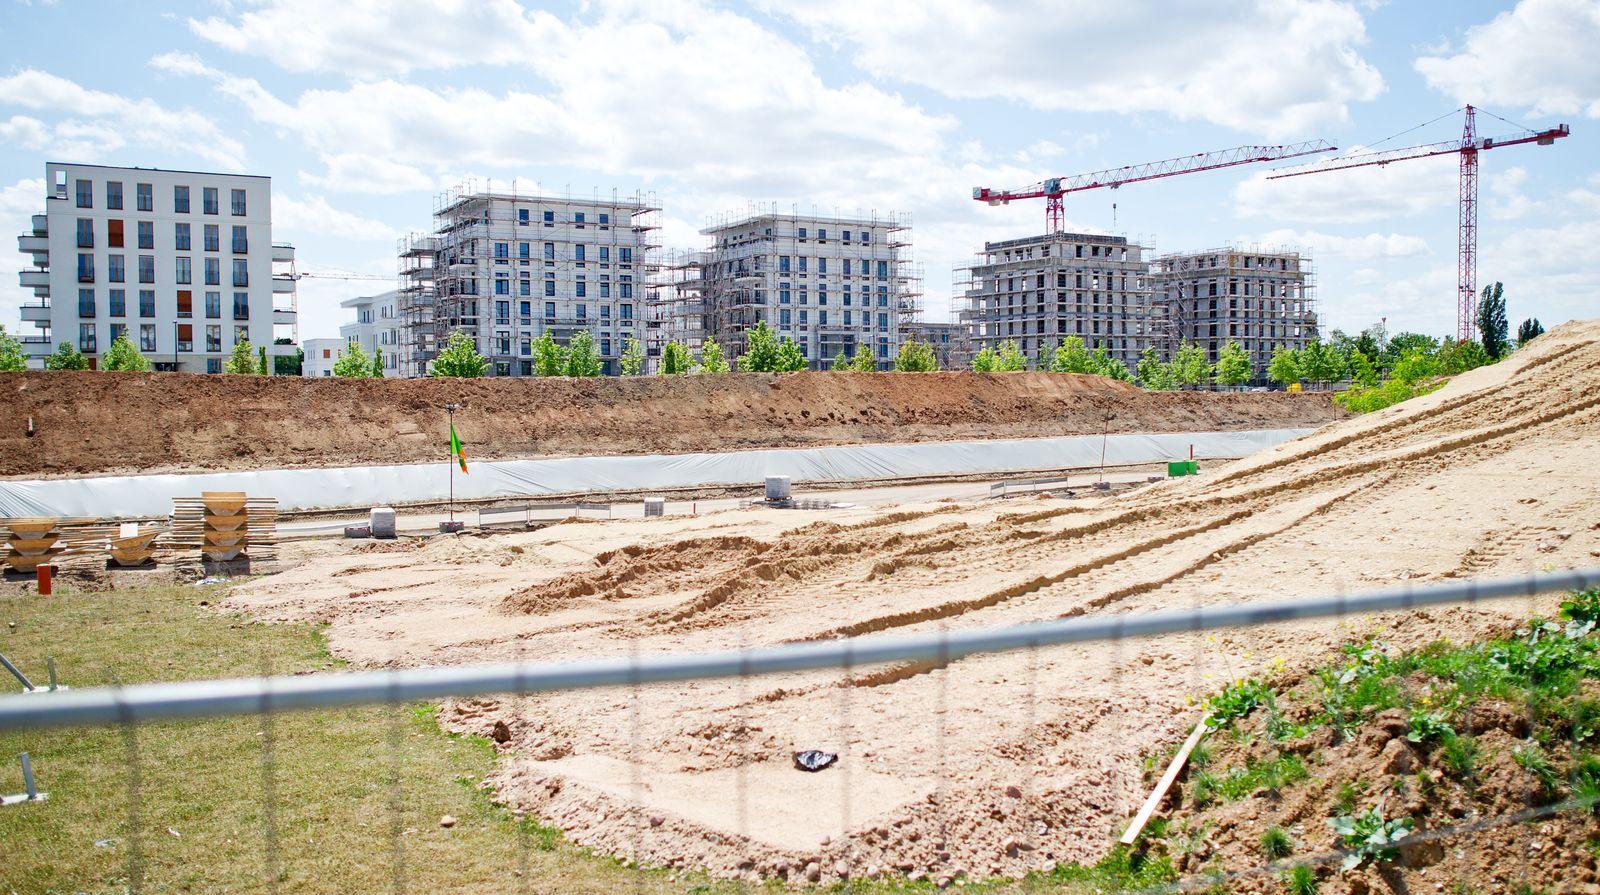 Neubauten / Neubausiedlung / Immobilien / Wohnungen Wohnhäuser